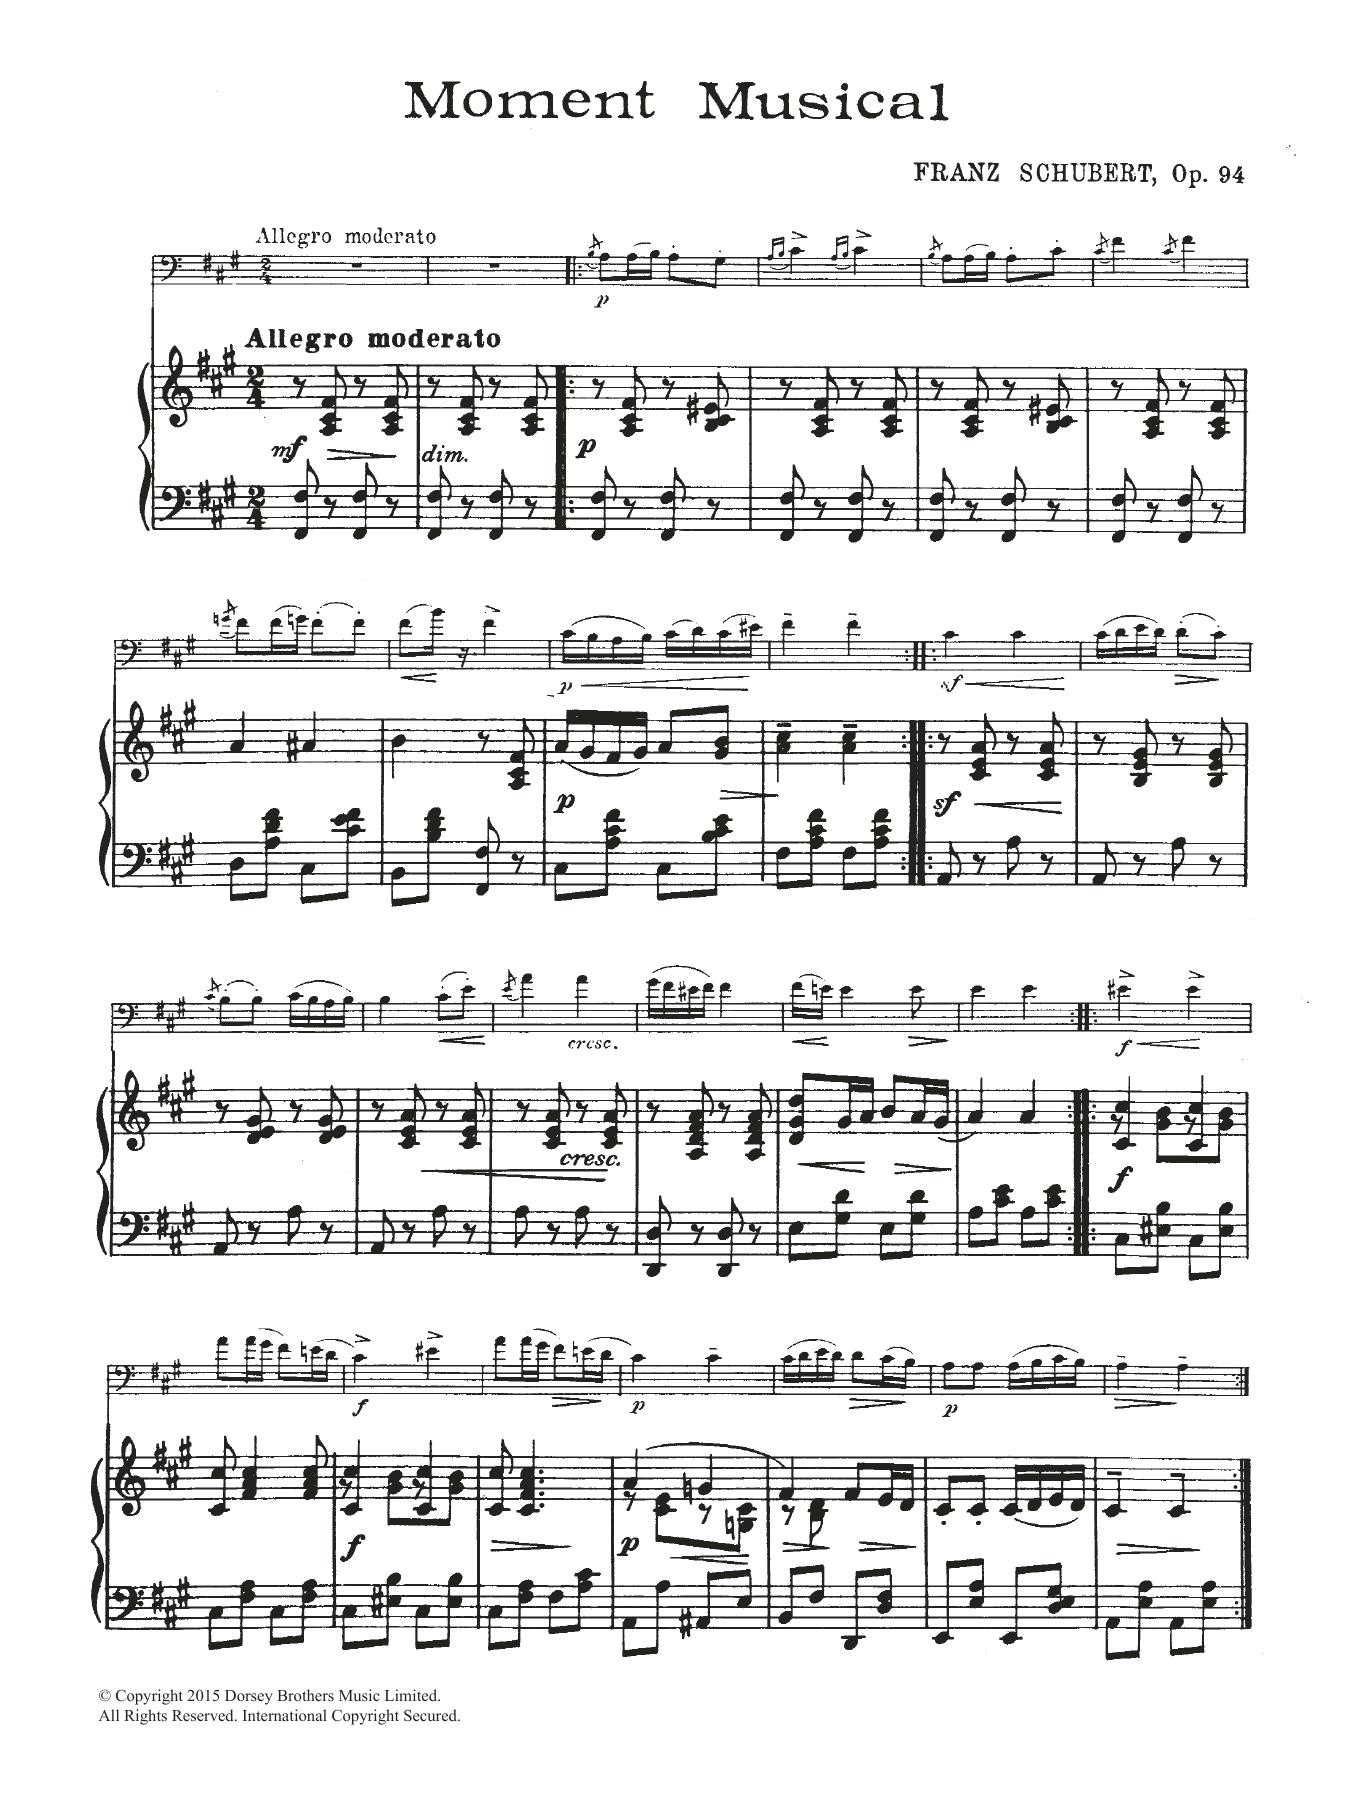 Moment Musical Sheet Music